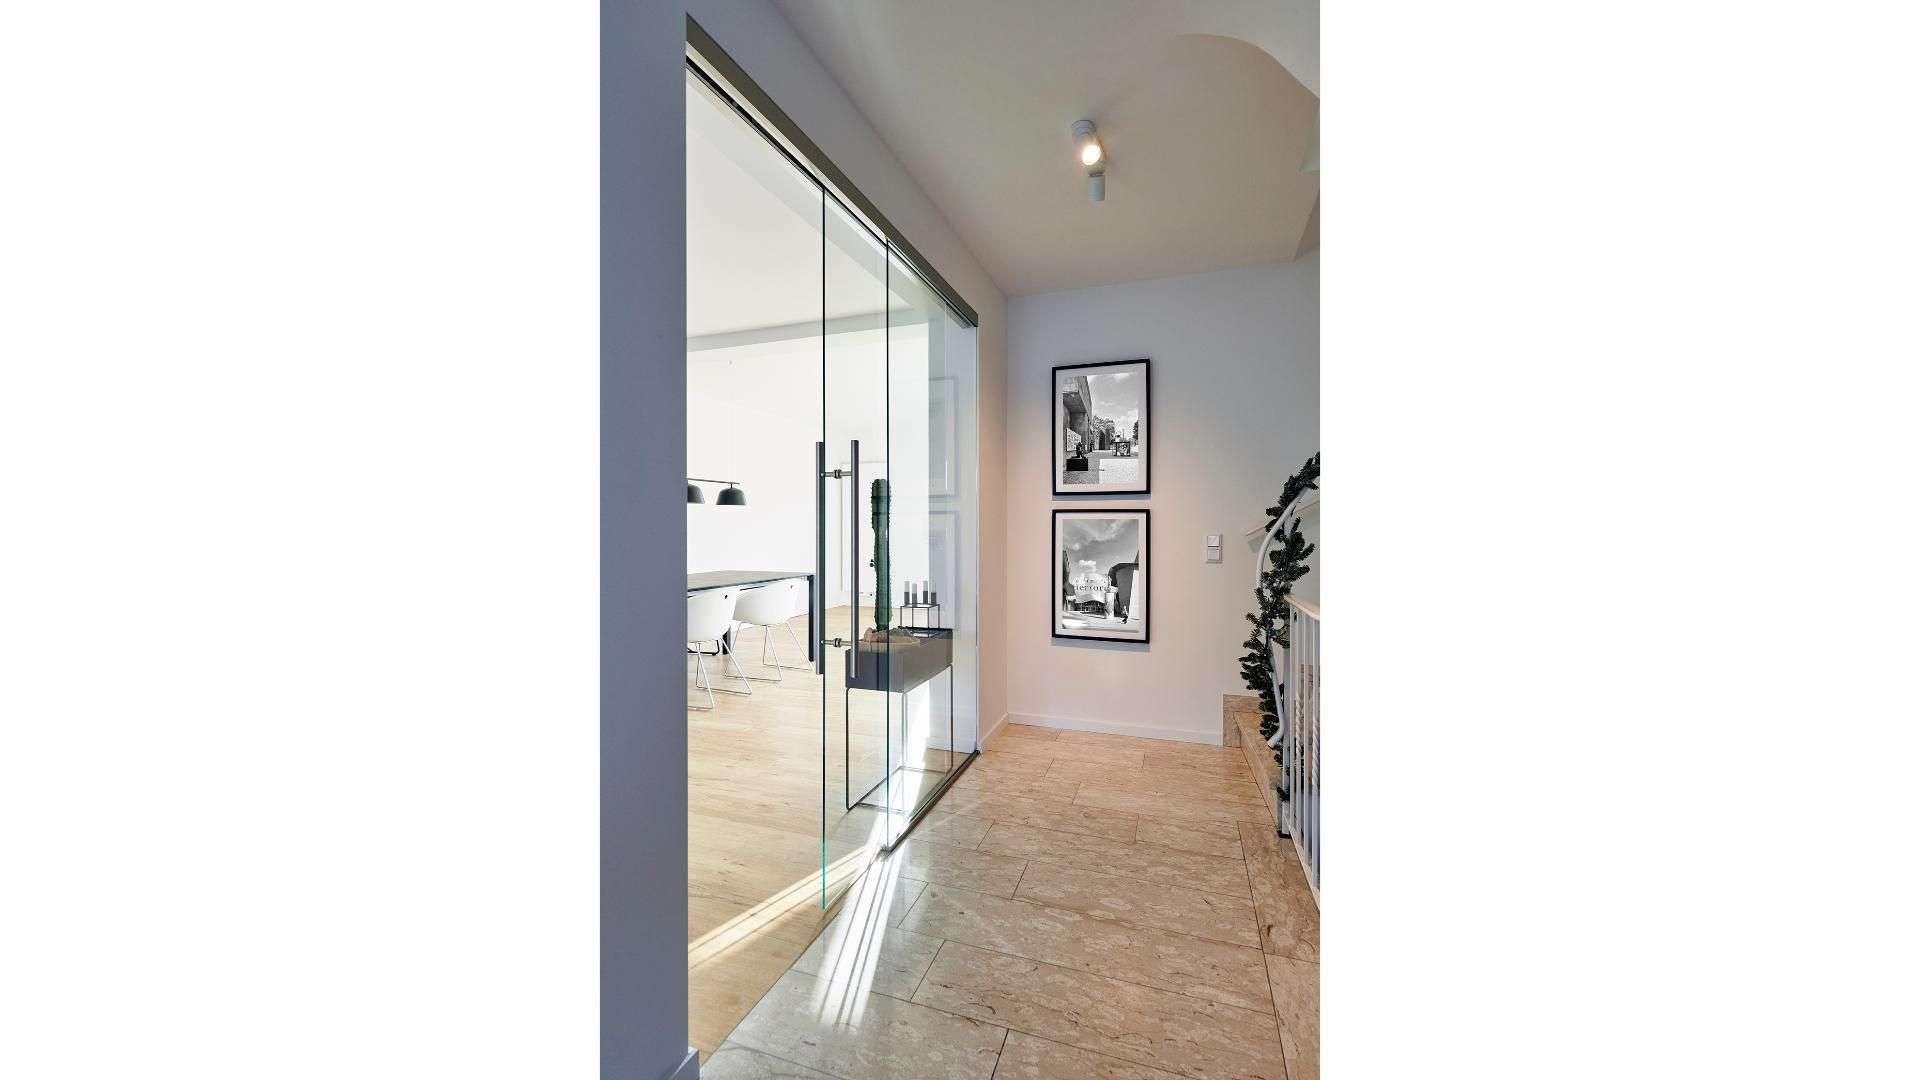 Seitlicher Blick auf eine doppelflügelige Glastür zwischen zwei Räumen